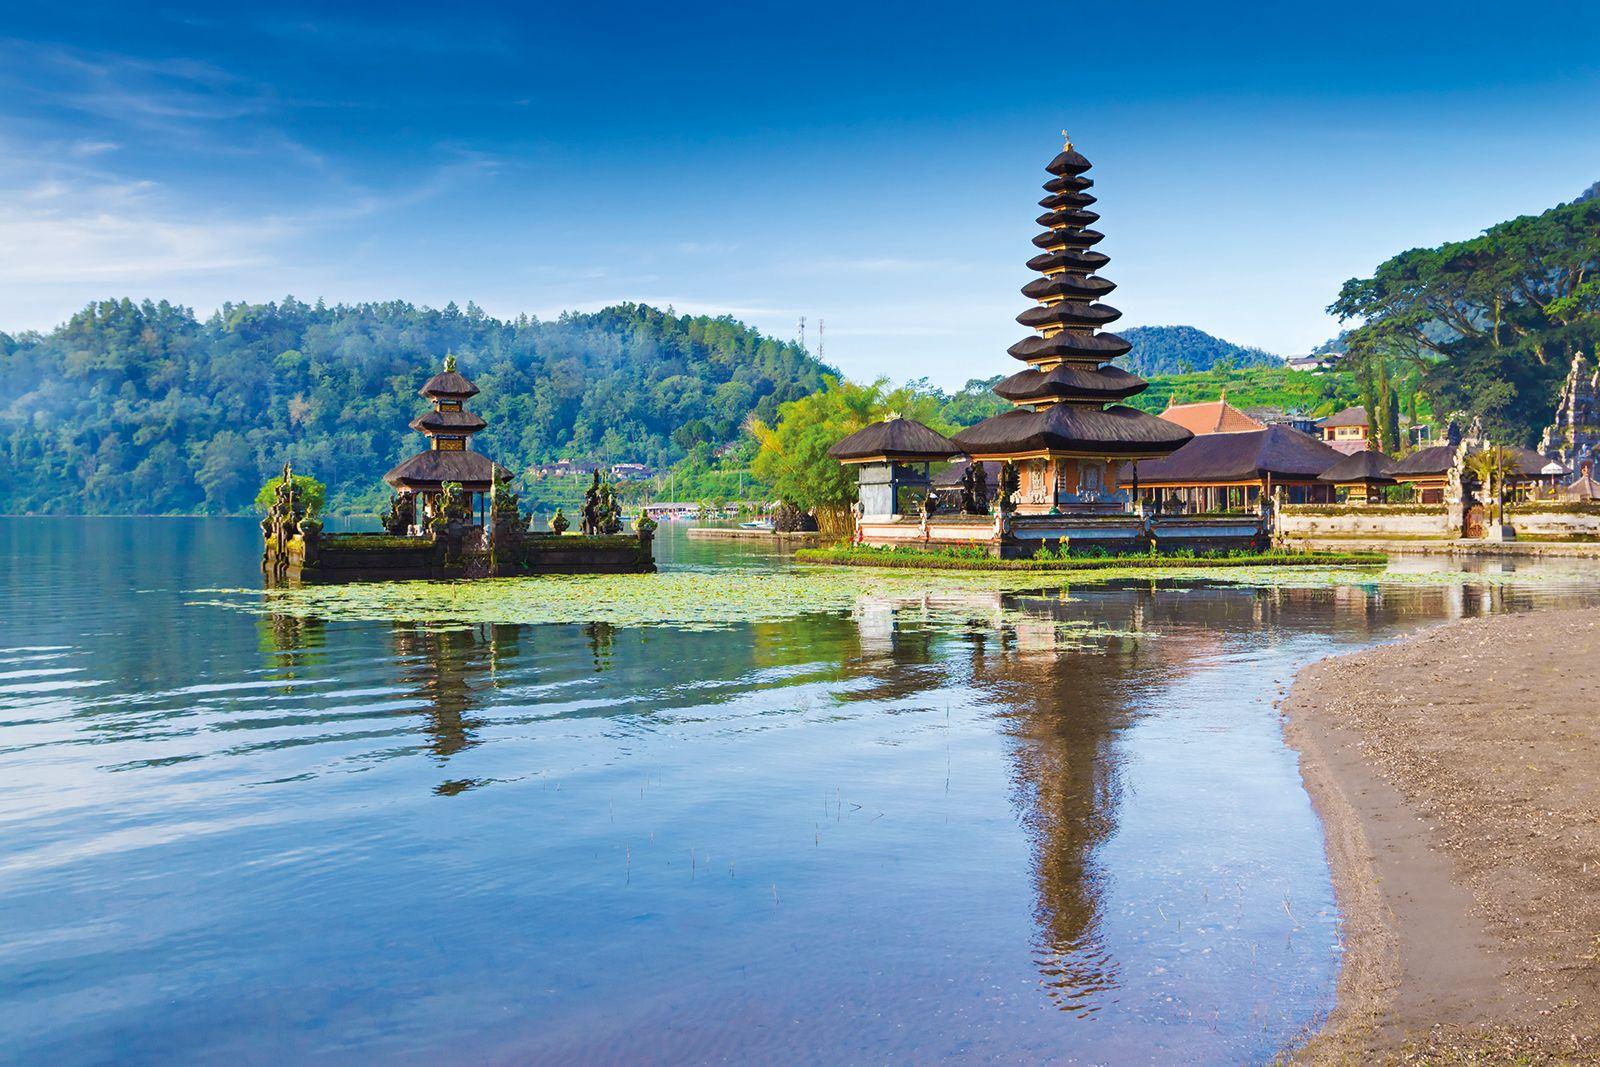 indonesien rundreise privat bali deluxe asienreisen von. Black Bedroom Furniture Sets. Home Design Ideas